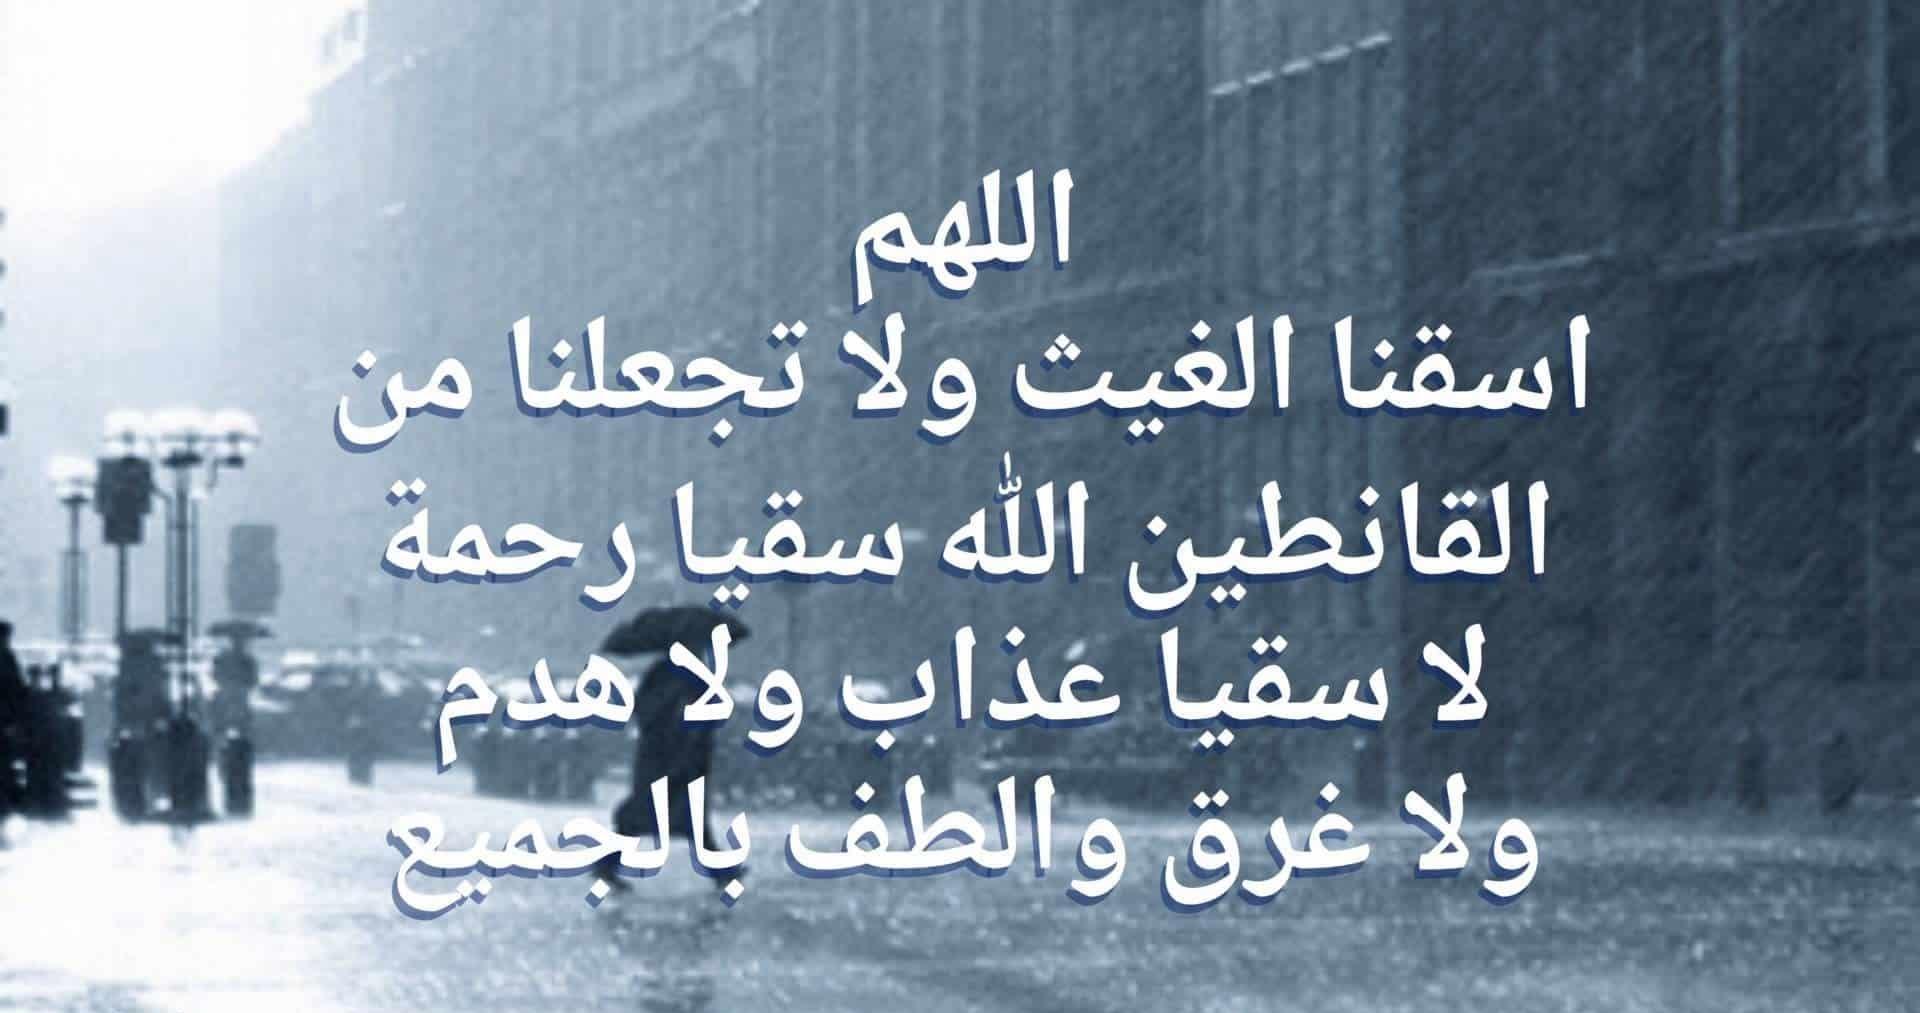 دعاء المطر الصحيح مكتوب مجلة رجيم